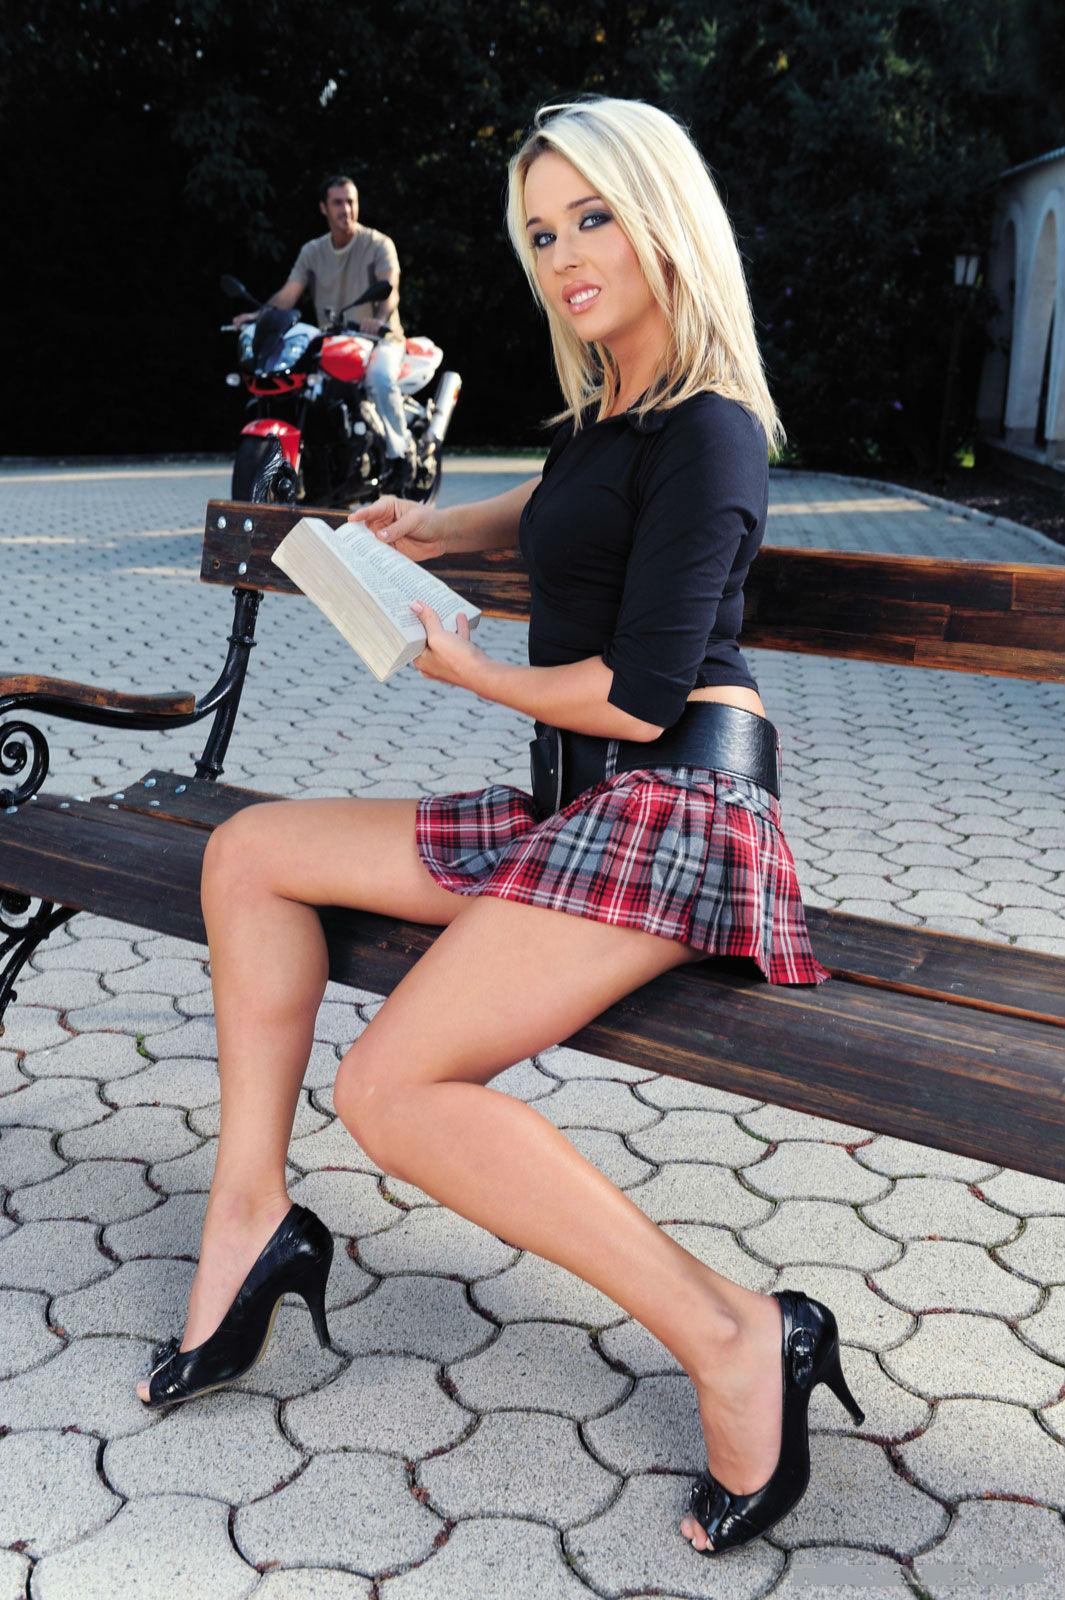 Skirt And Leg 37